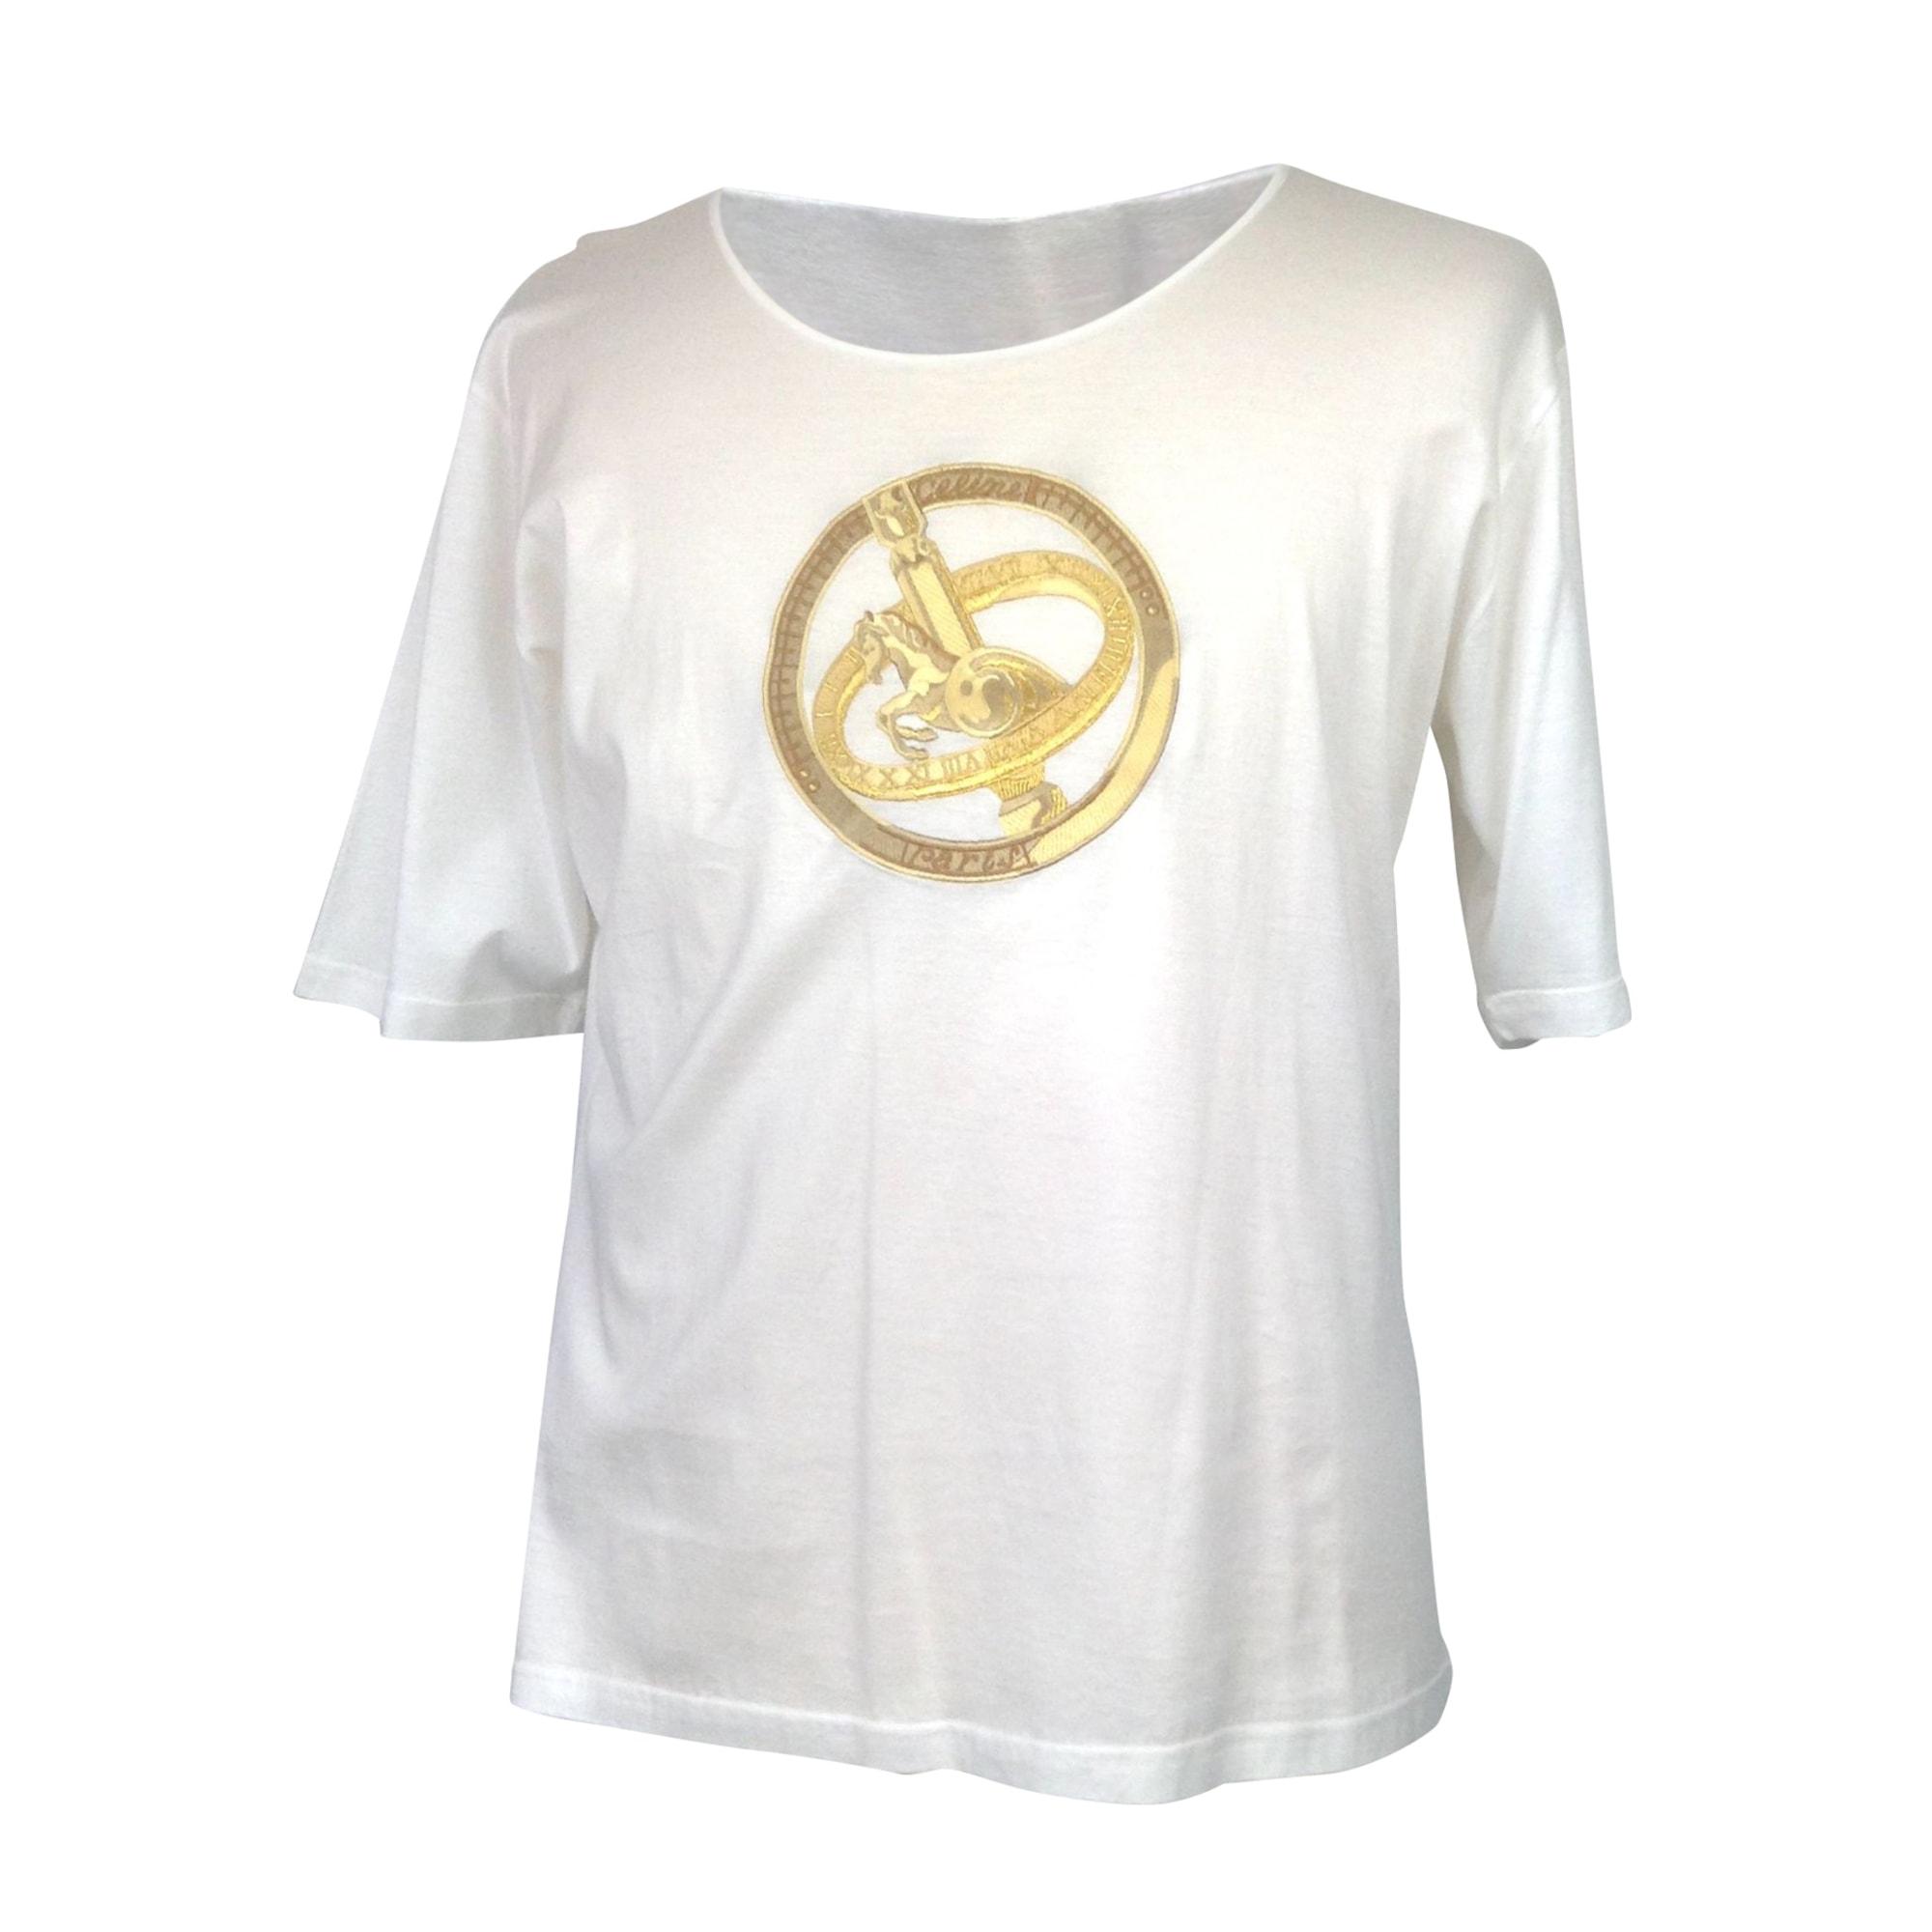 Tops, T-Shirt CÉLINE Weiß, elfenbeinfarben